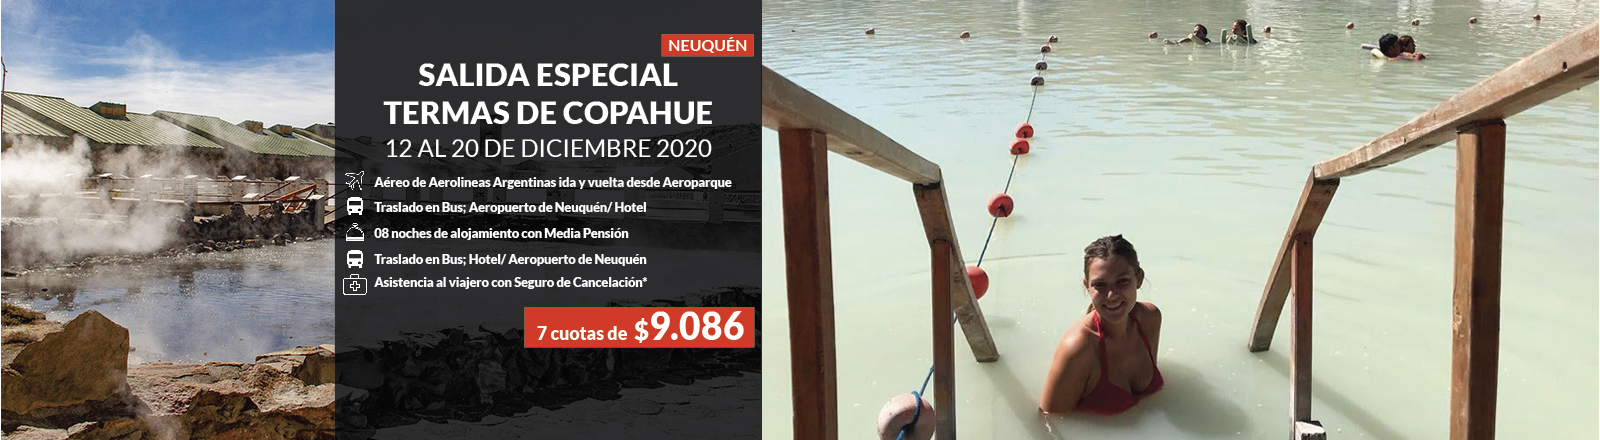 Salida especial Copahue